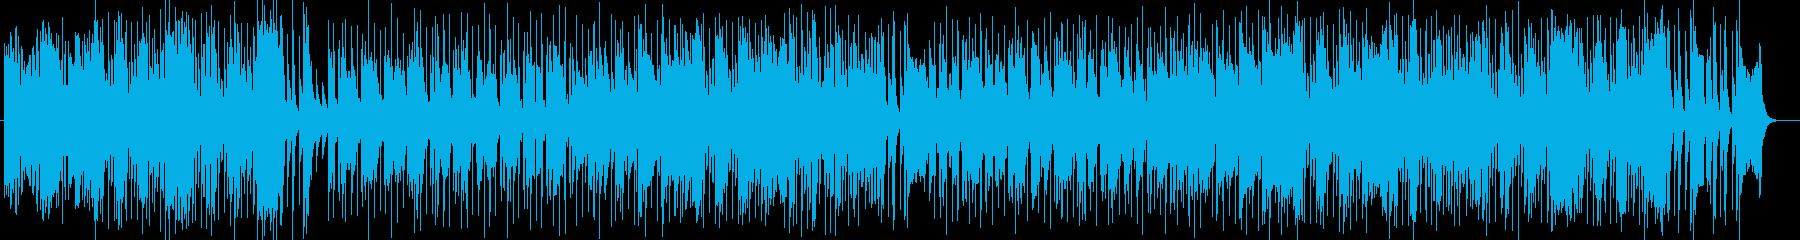 ドラマティックなシンセサイザーギター曲の再生済みの波形